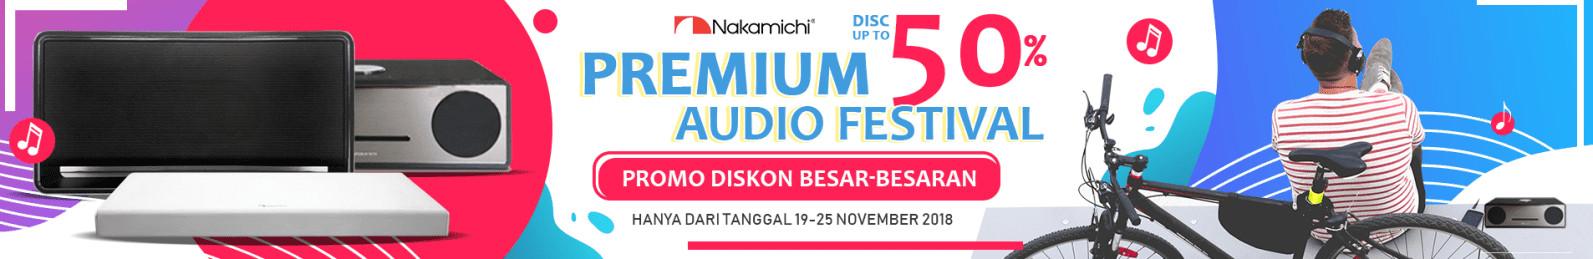 Nakamichi Indonesia